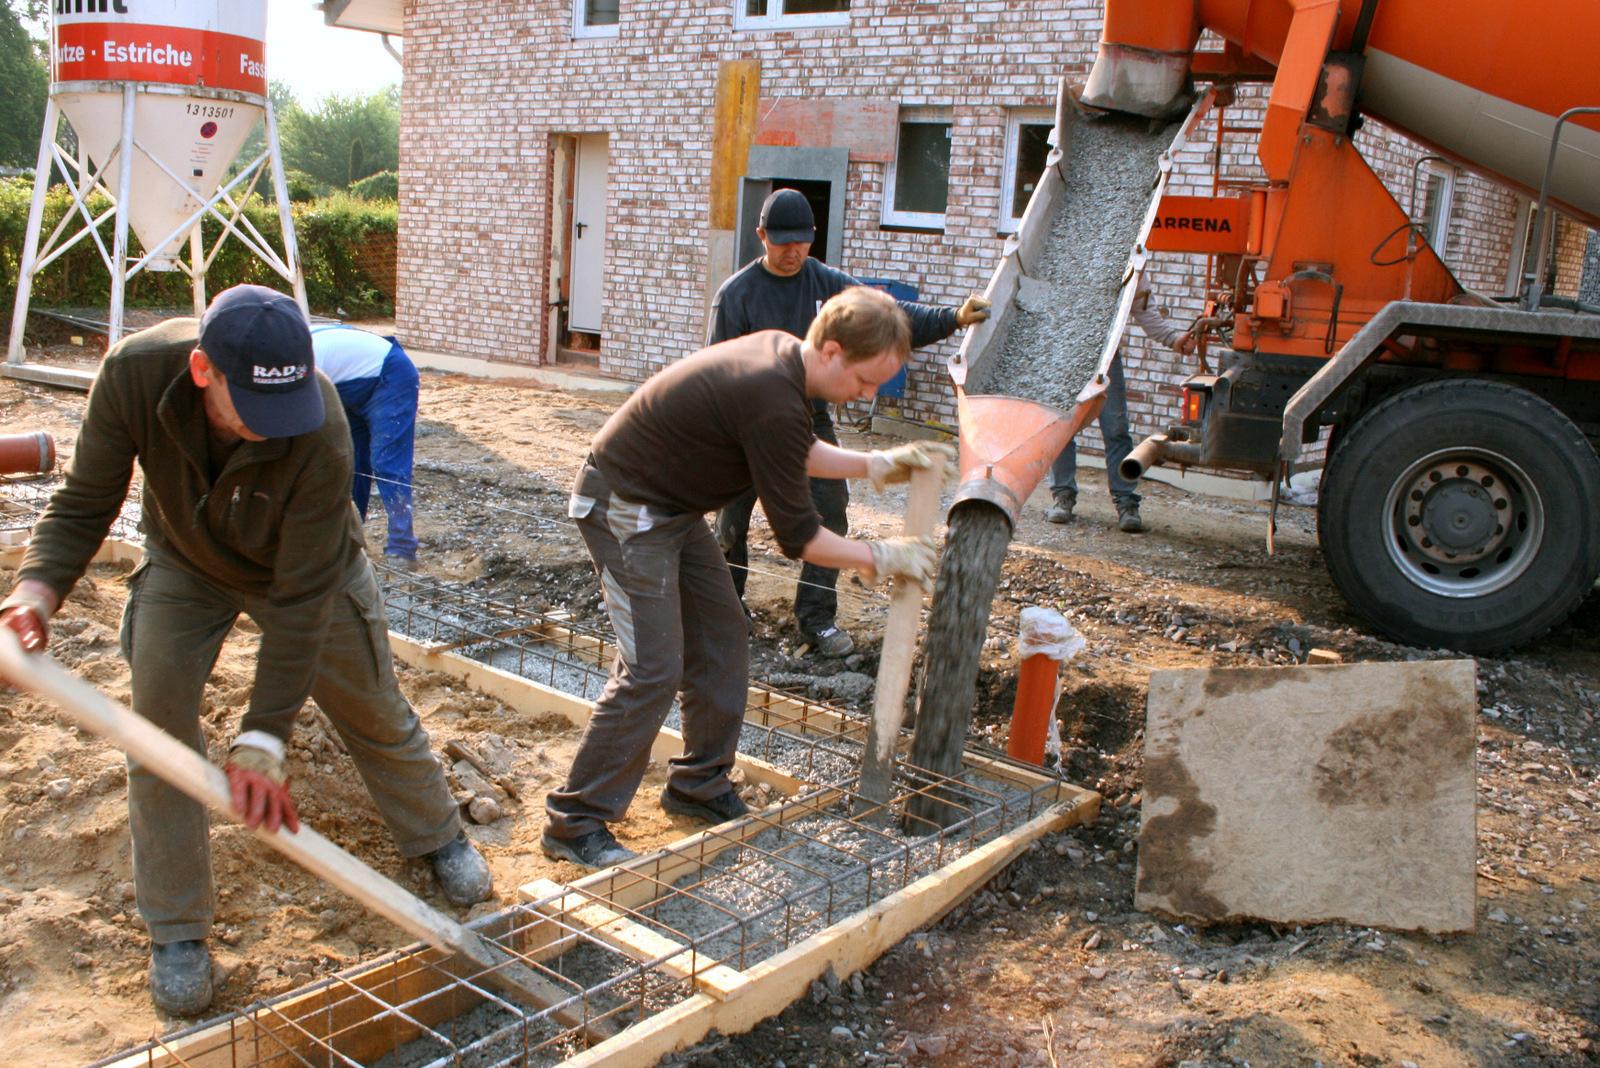 Hausbau | Erdarbeiten | Bild 9